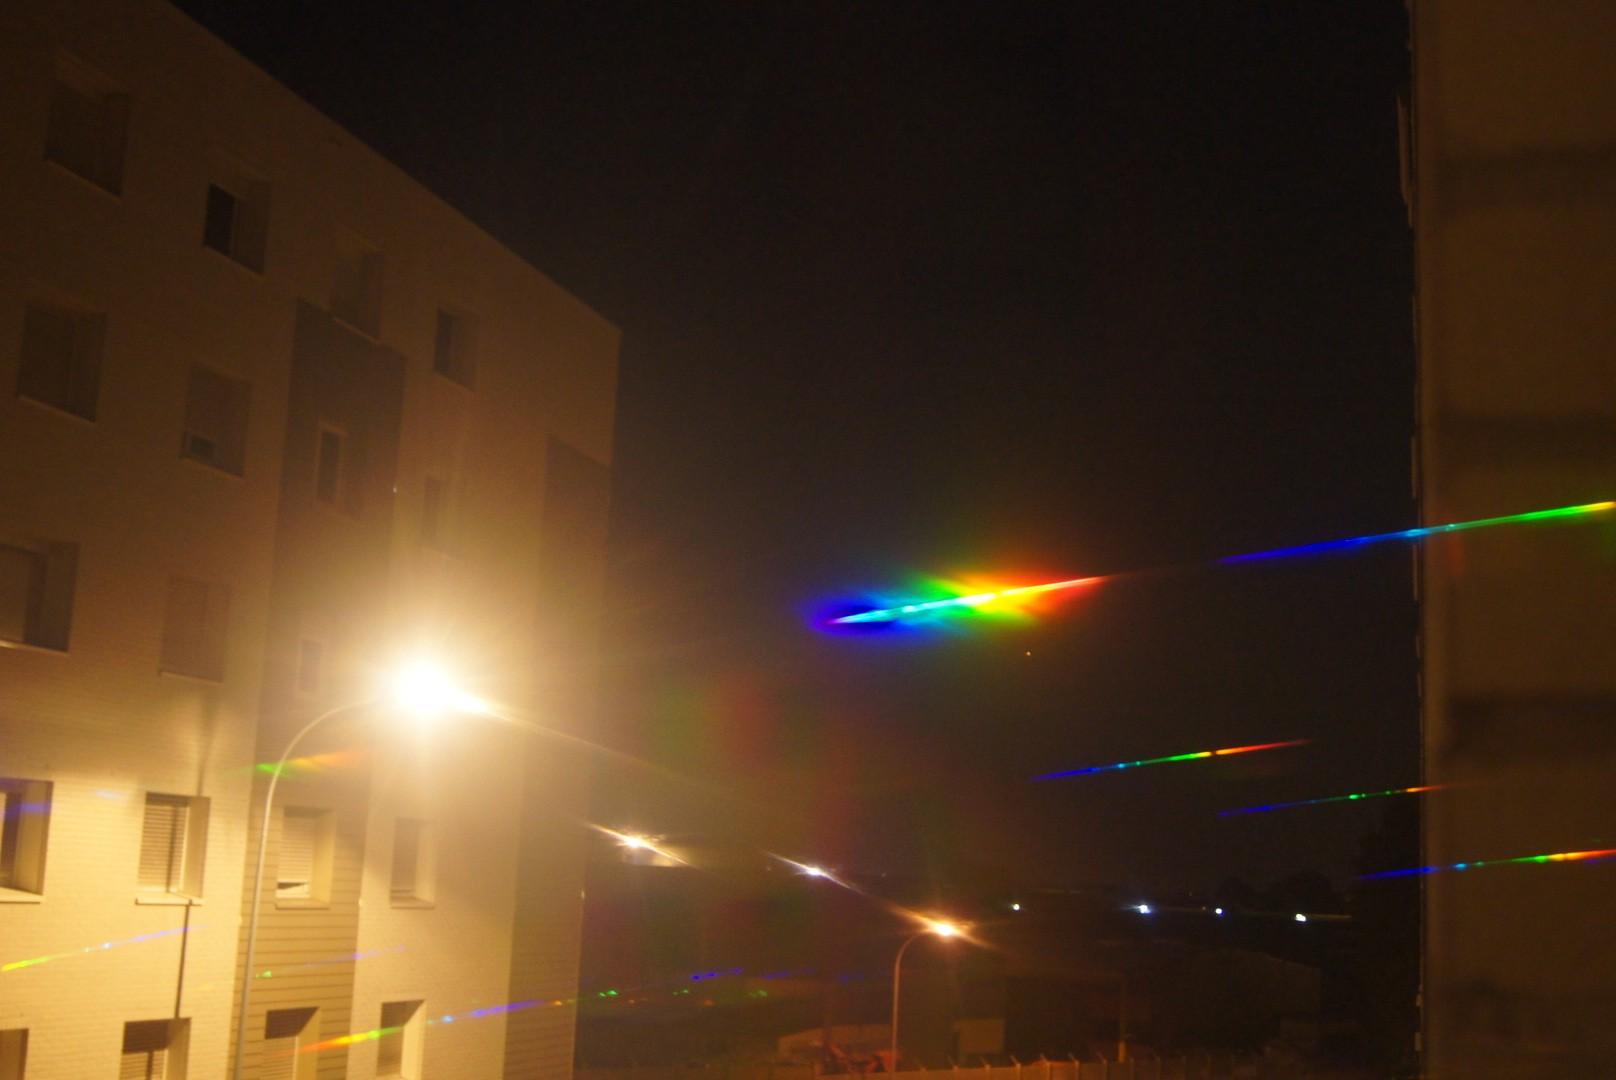 2012: le 01/09 à 21h40 - Lumière étrange dans le ciel  - dunkerque (59)  Dsc04910